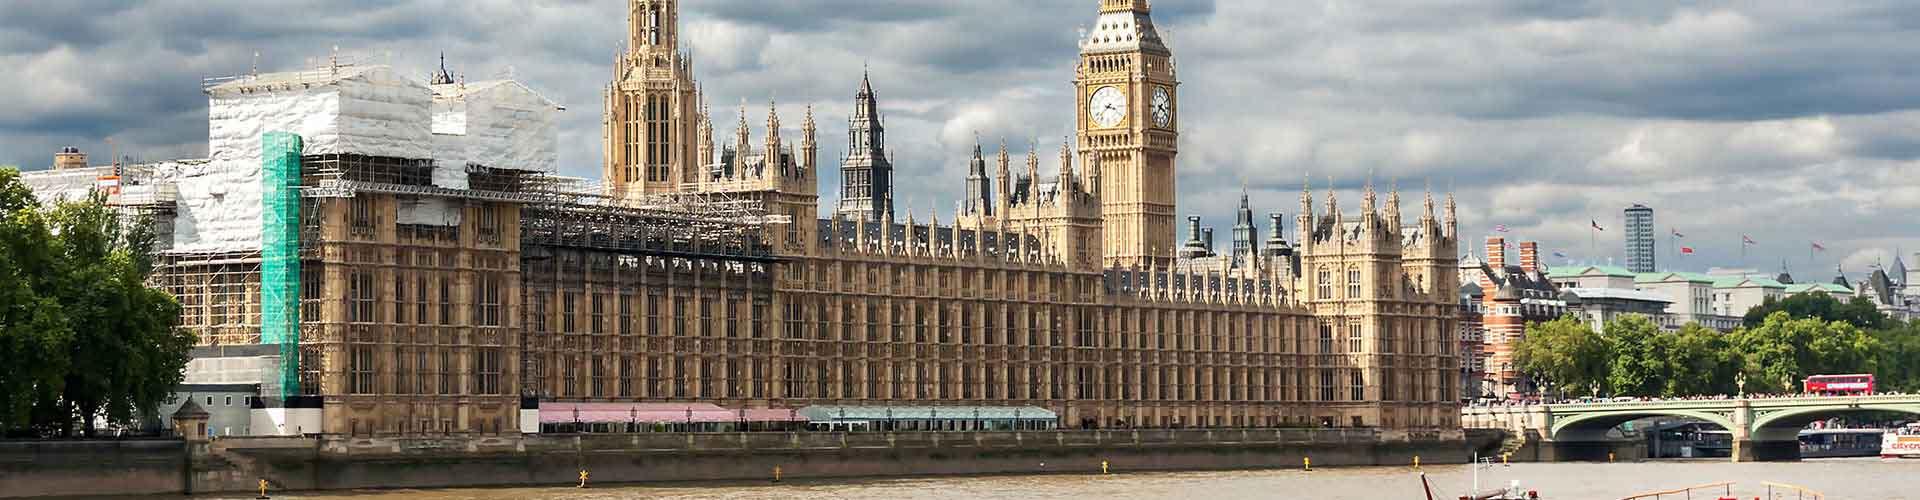 런던 - 웨스트 민스터의 궁전에 가까운 호스텔. 런던의 지도, 런던에 위치한 호스텔에 대한 사진 및 리뷰.